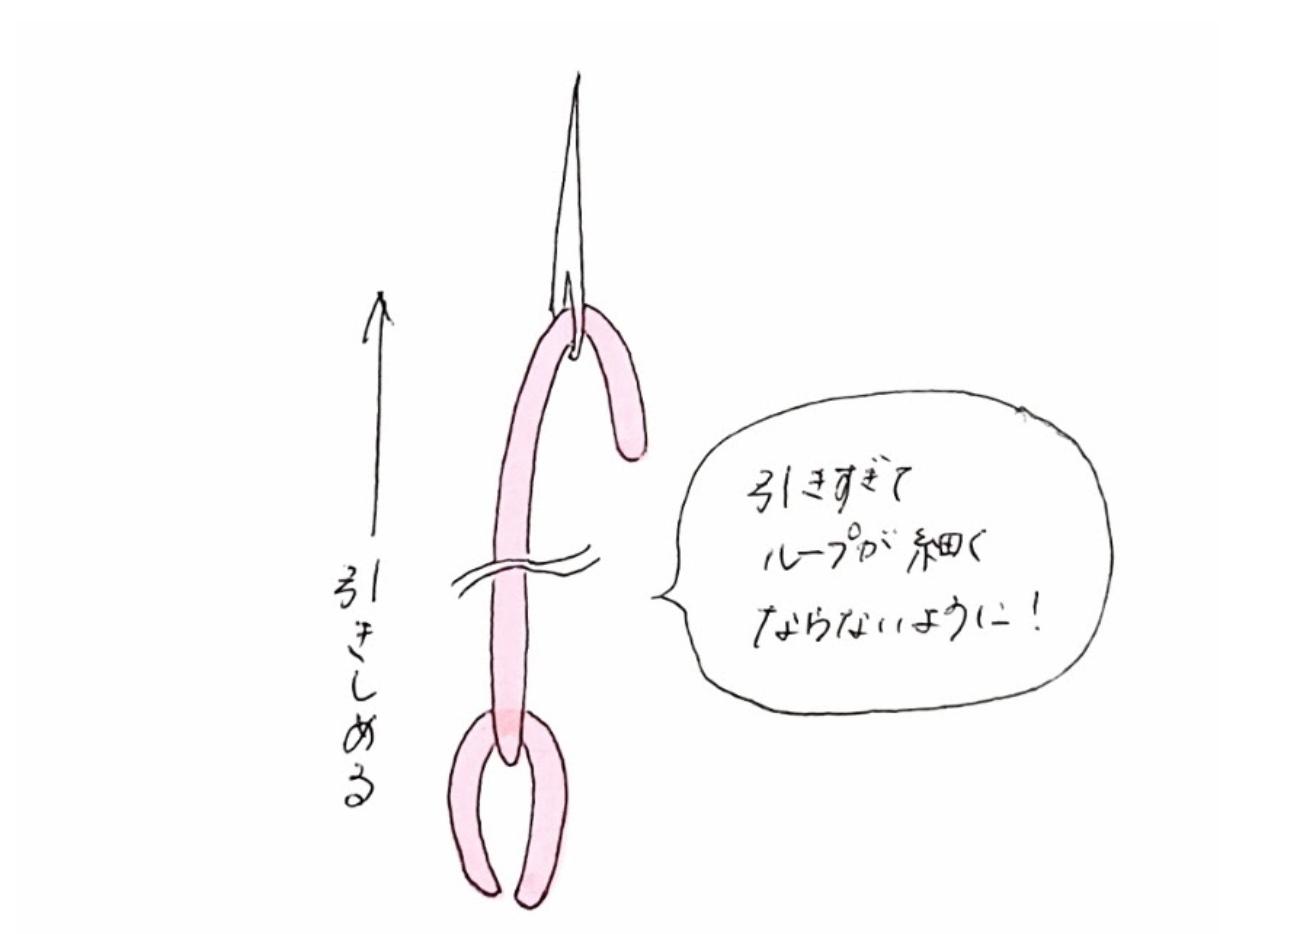 レゼーデージーステッチの縫い方・刺し方2